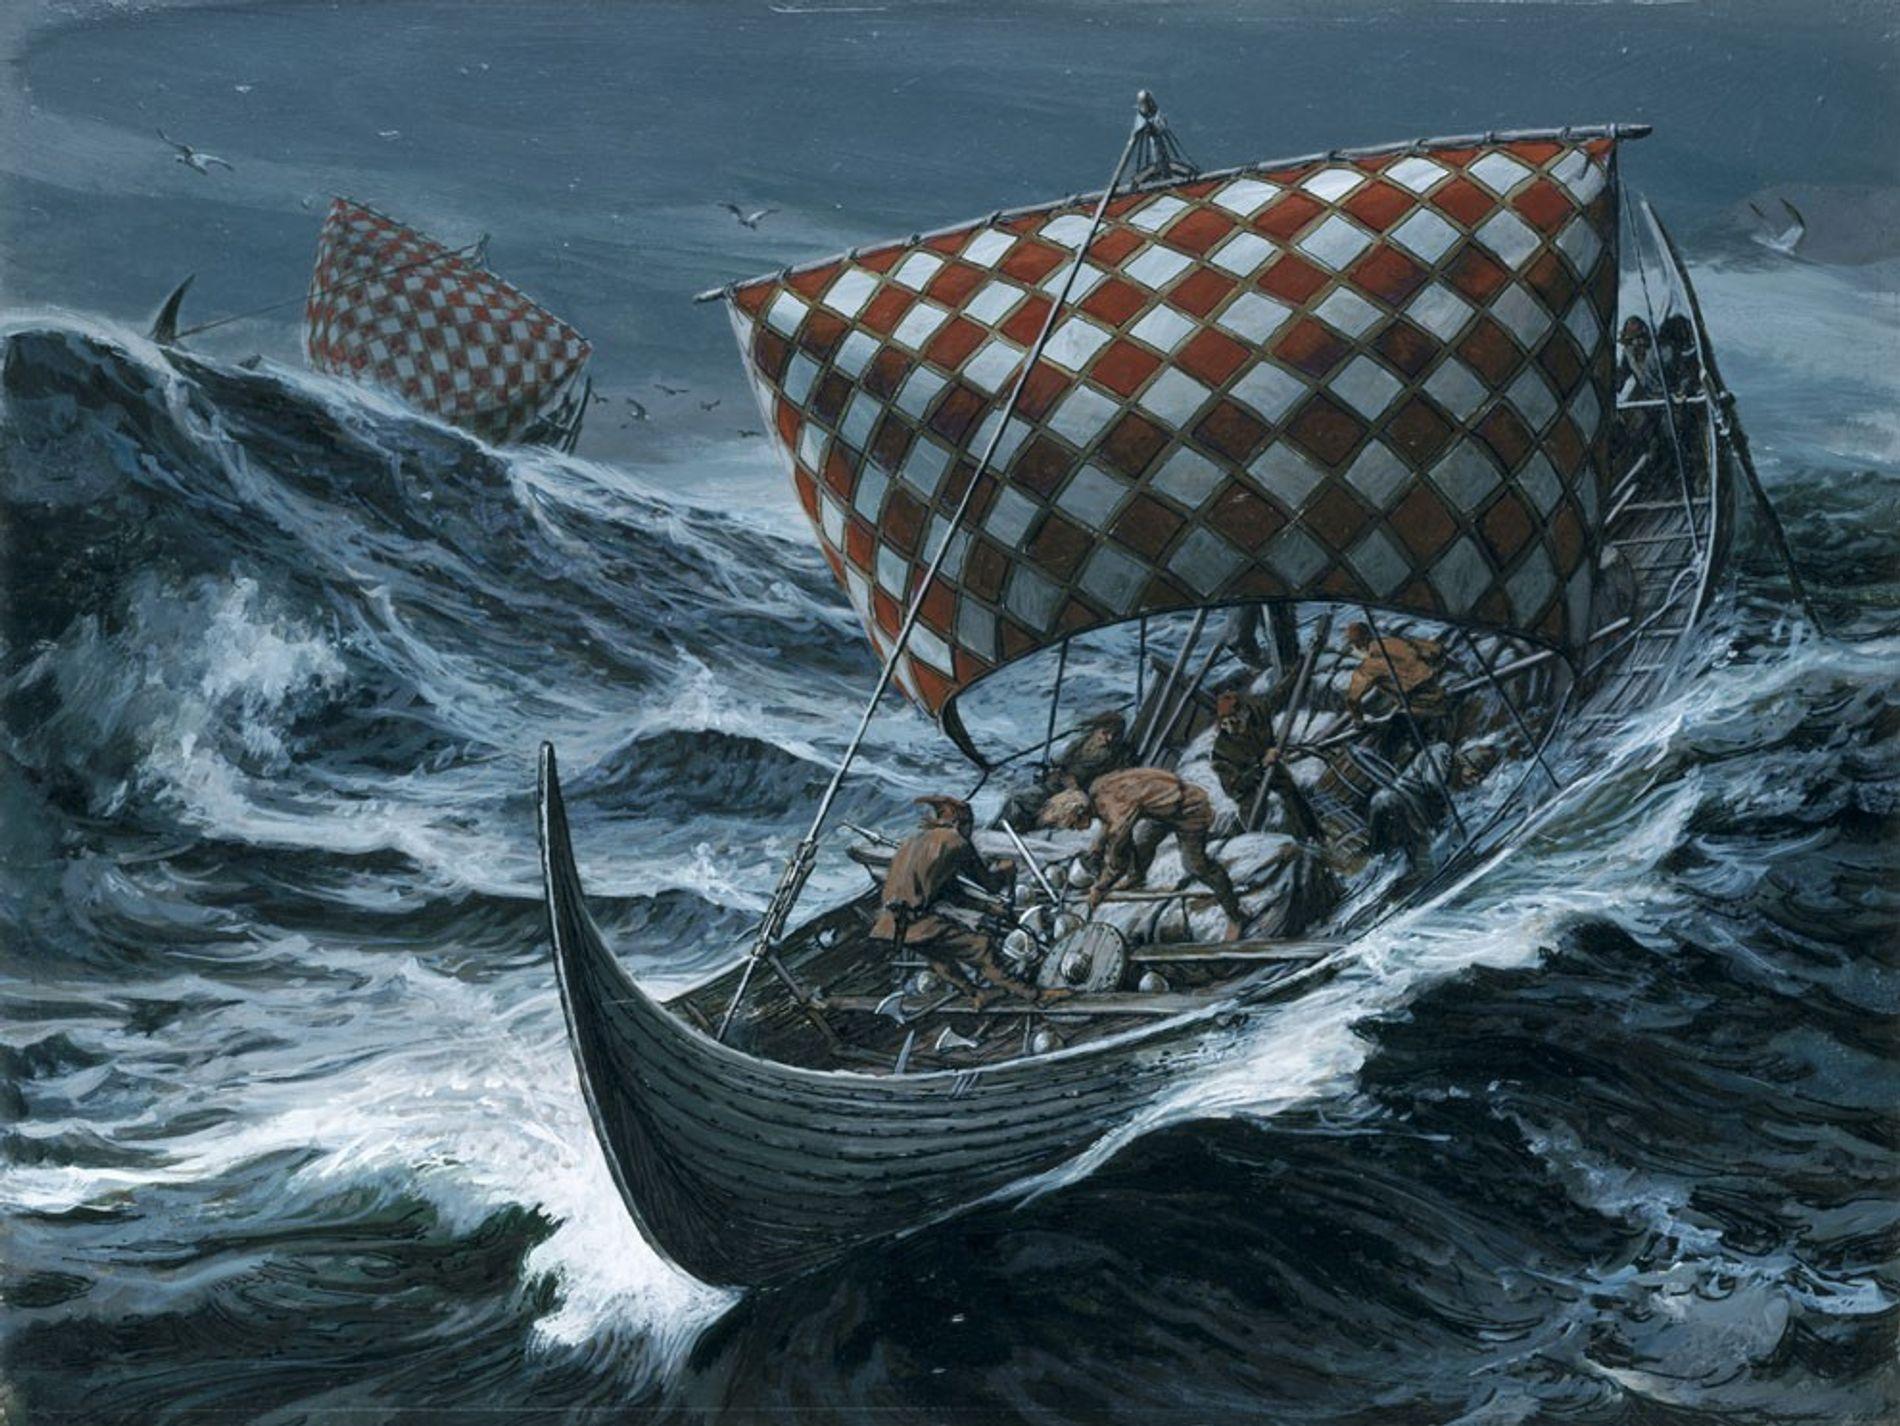 Les vikings utilisaient probablement des pierres de soleil pour s'orienter durant les fortes tempêtes.